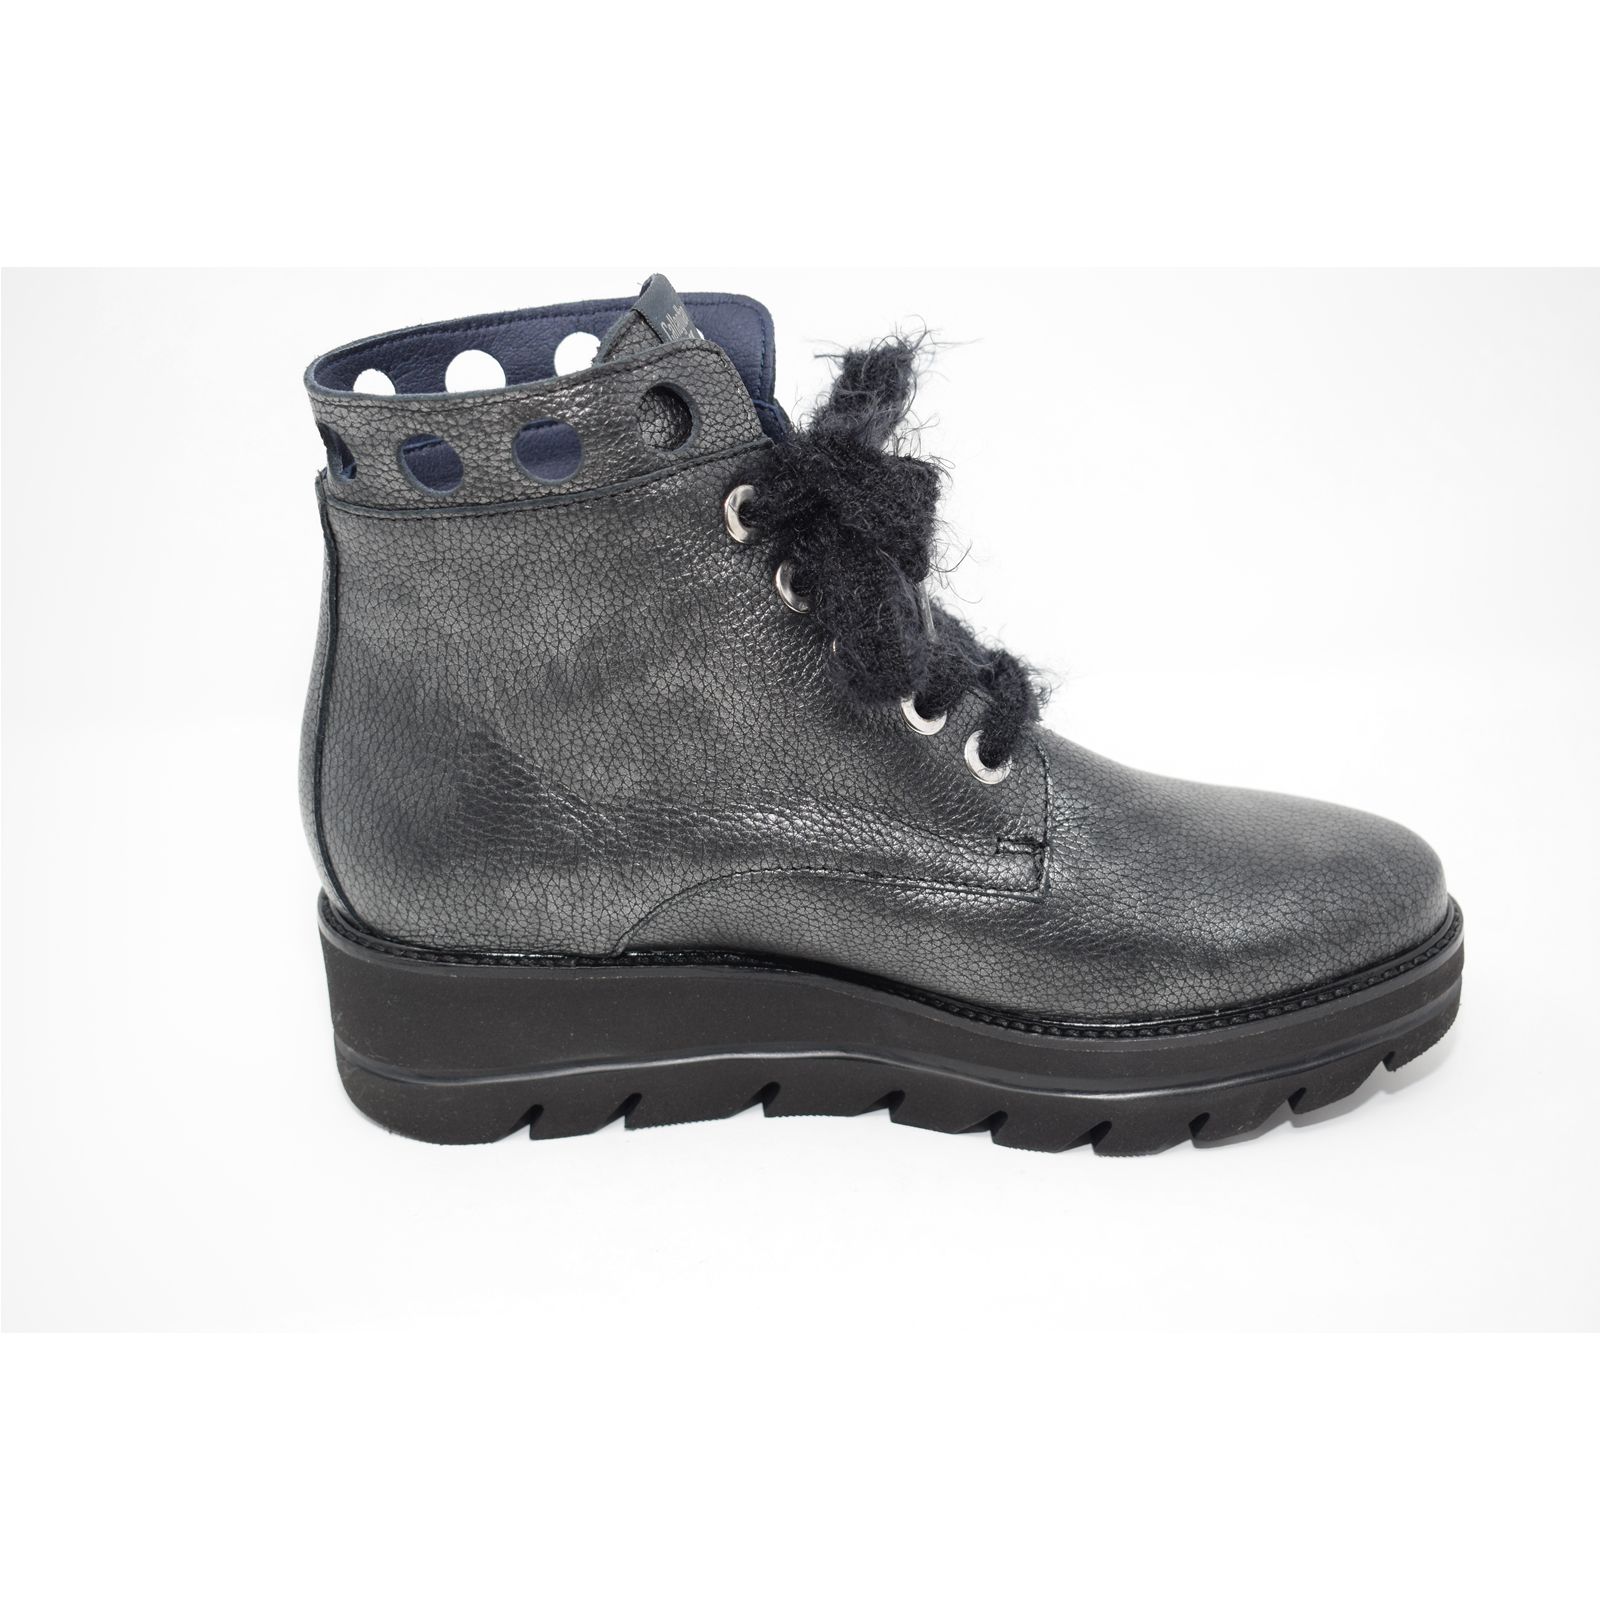 newest 49fe5 2e094 Dettagli su Scarponcini scarpe Callaghan donna 14807 colore antracite  listino € 145,00